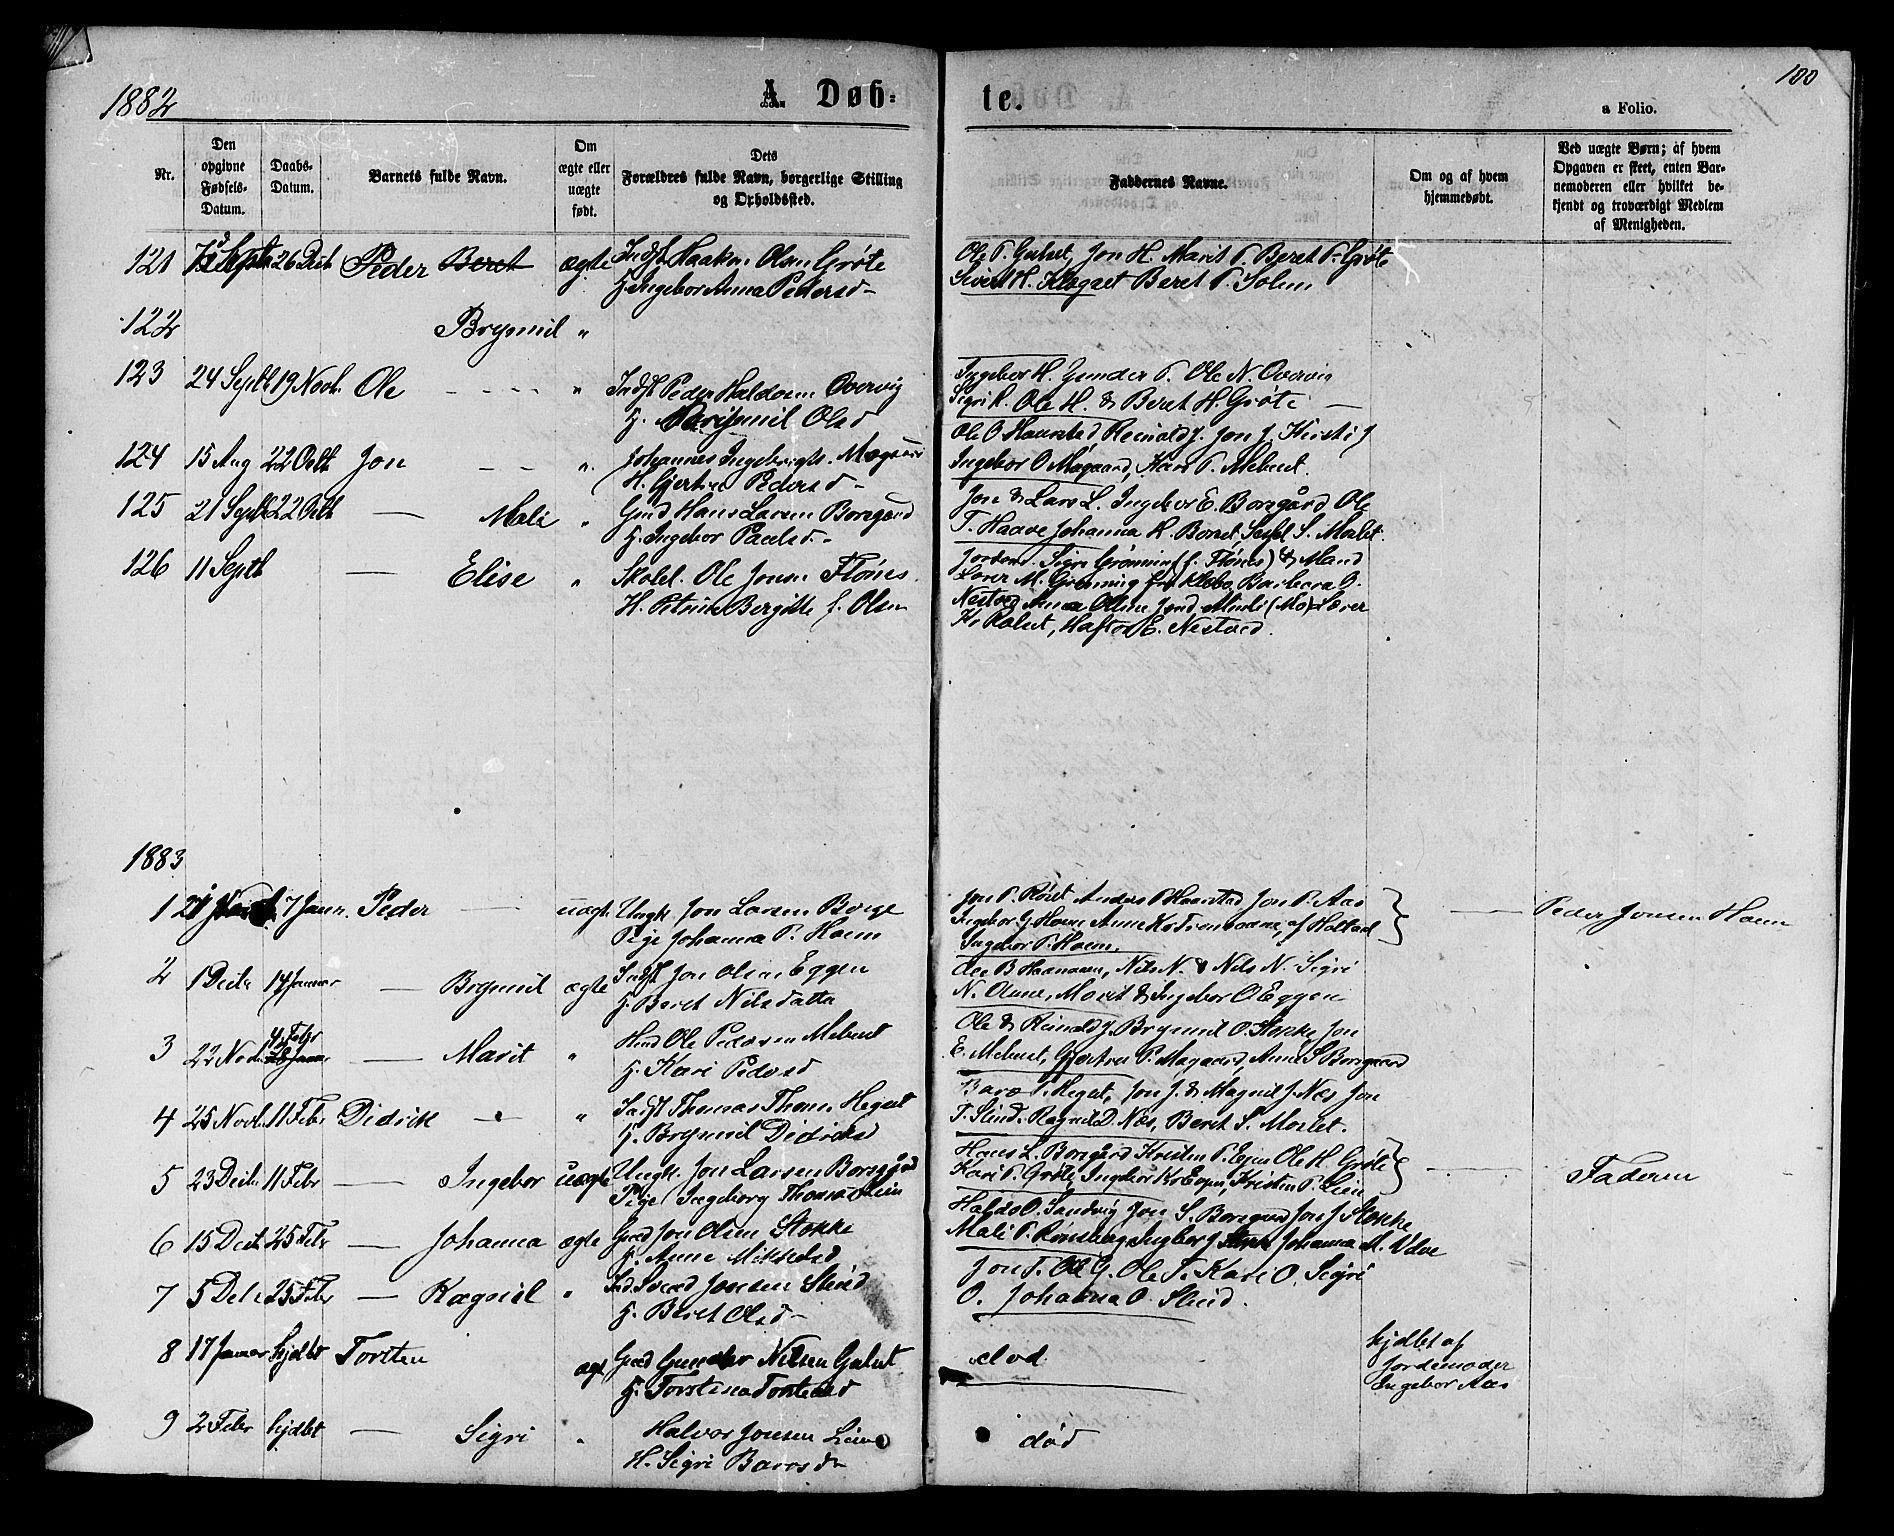 SAT, Ministerialprotokoller, klokkerbøker og fødselsregistre - Sør-Trøndelag, 695/L1156: Klokkerbok nr. 695C07, 1869-1888, s. 100